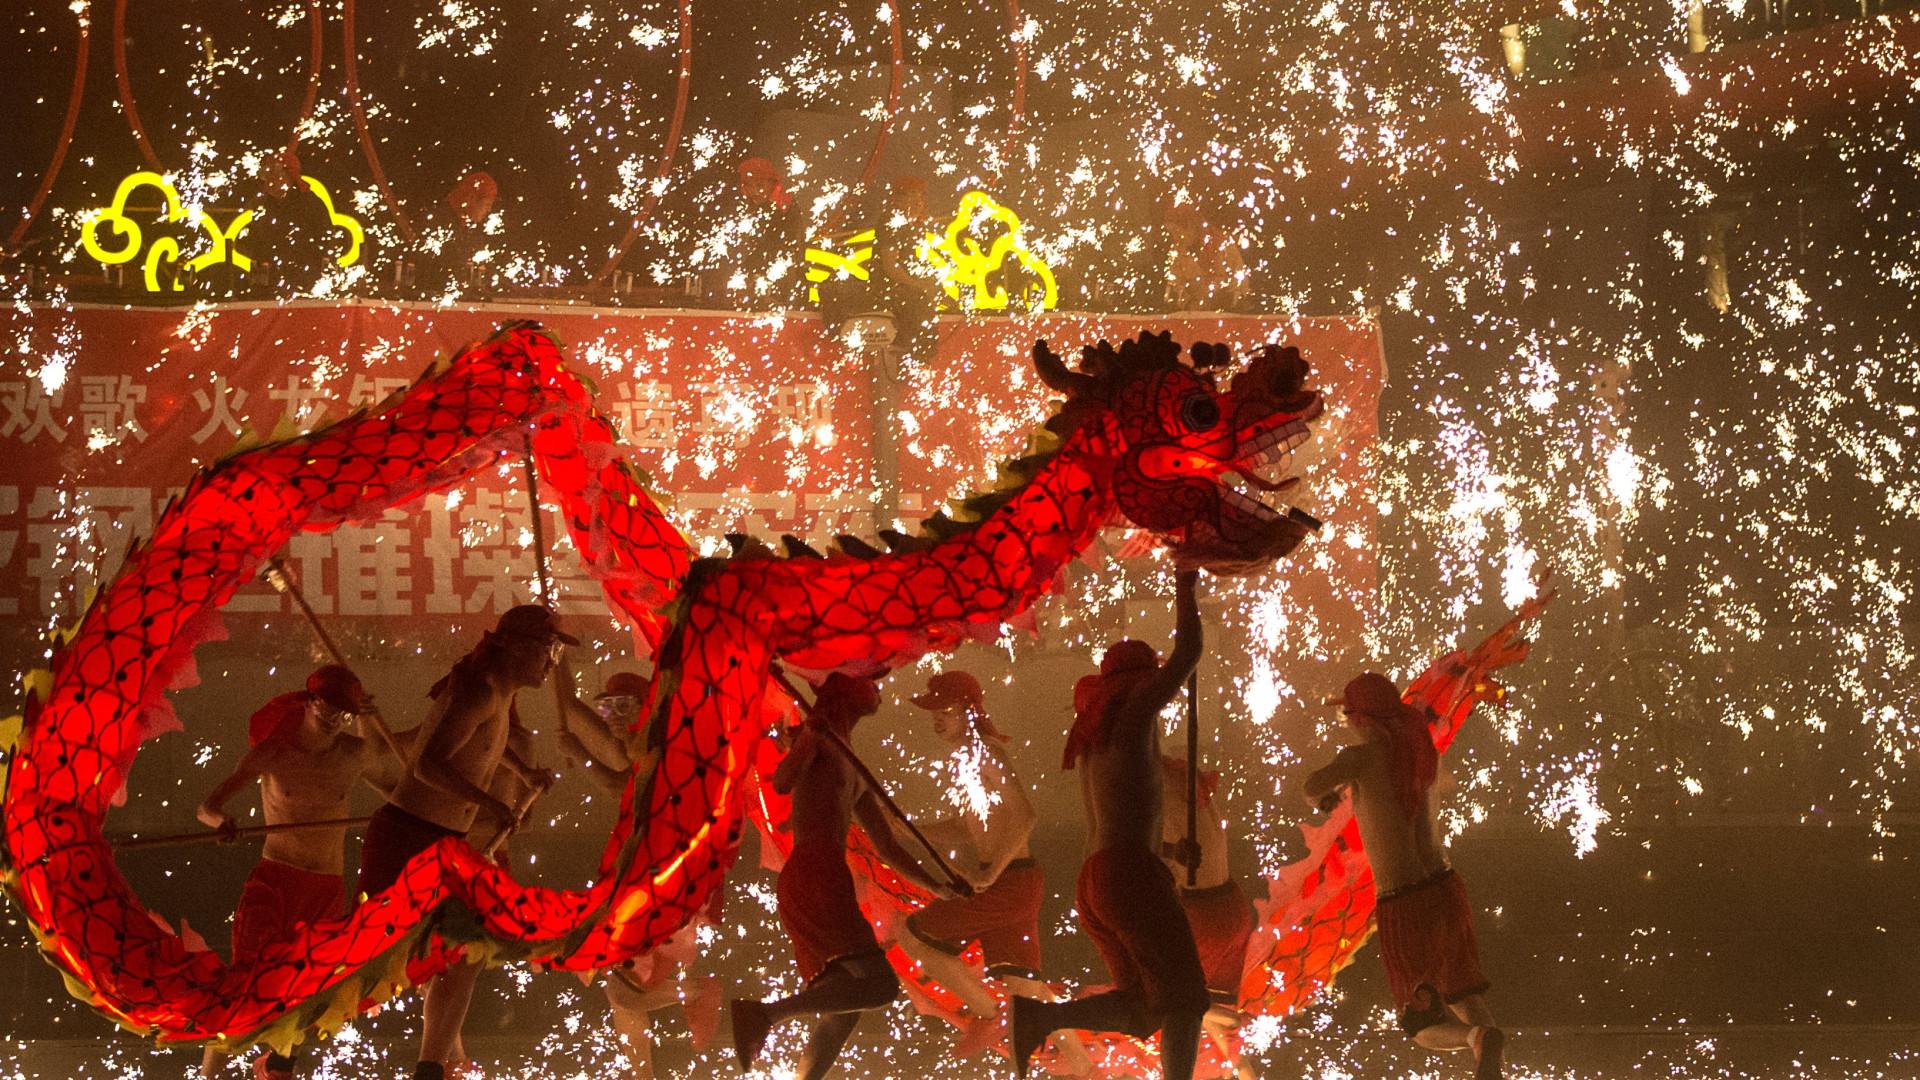 Equipa brasileira representa a lusofonia no Campeonato de Dança do Dragão